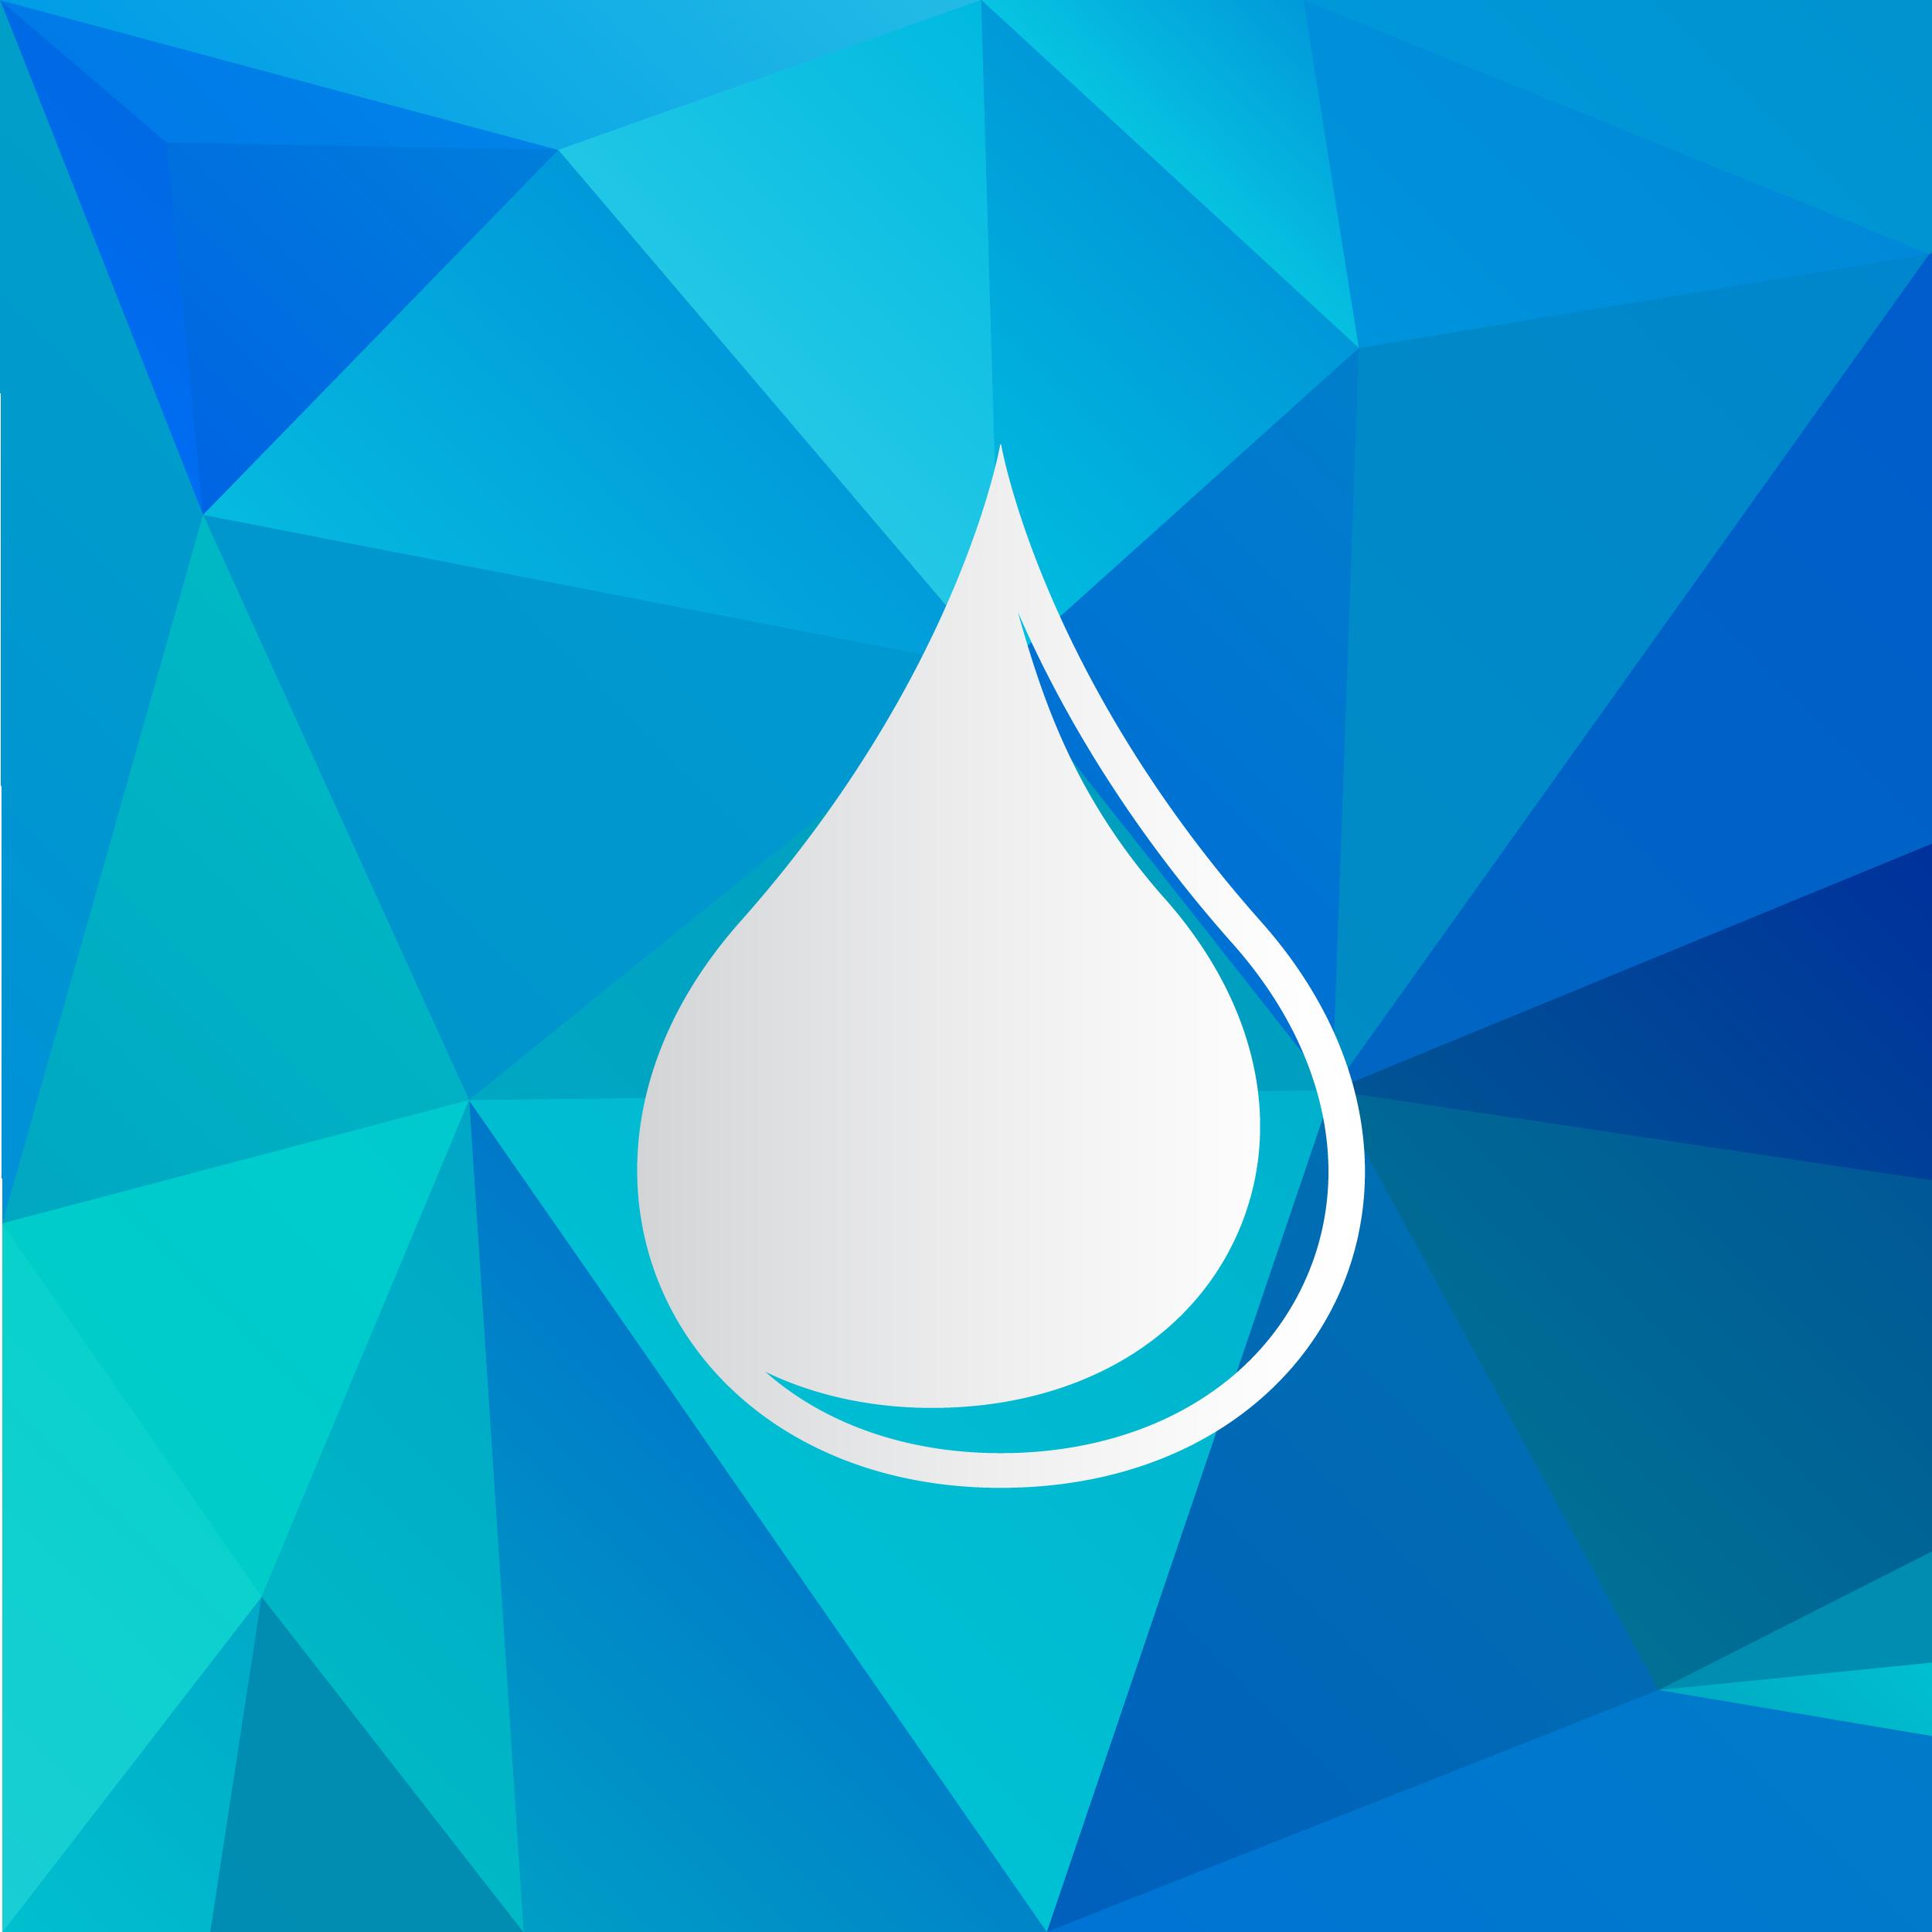 Water_Drop_Blue